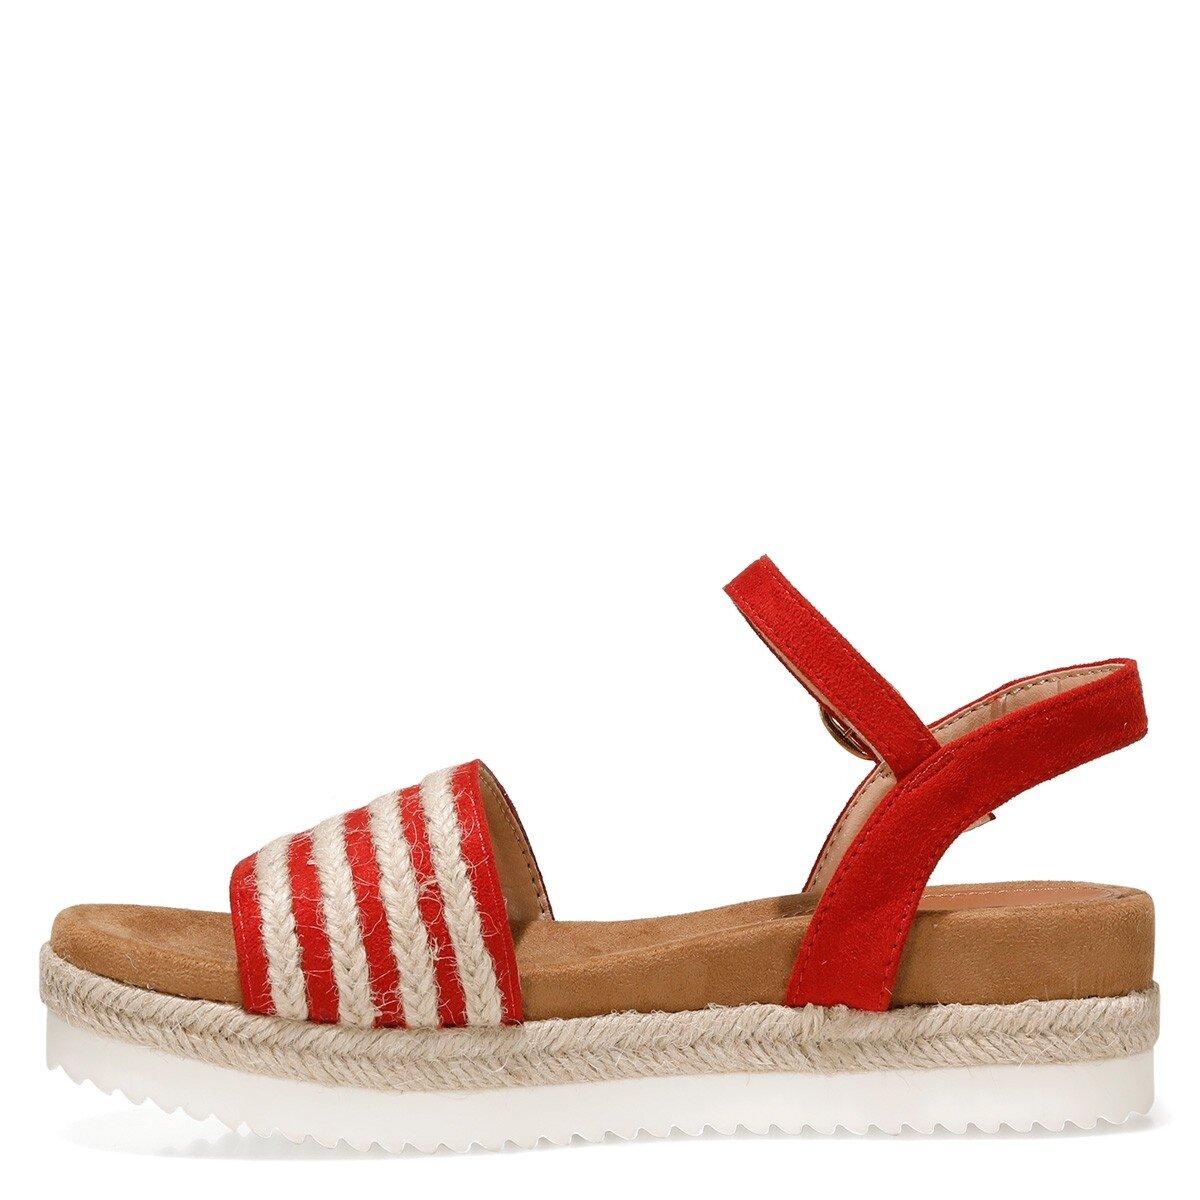 NURUNA 1FX Kırmızı Kadın Sandalet